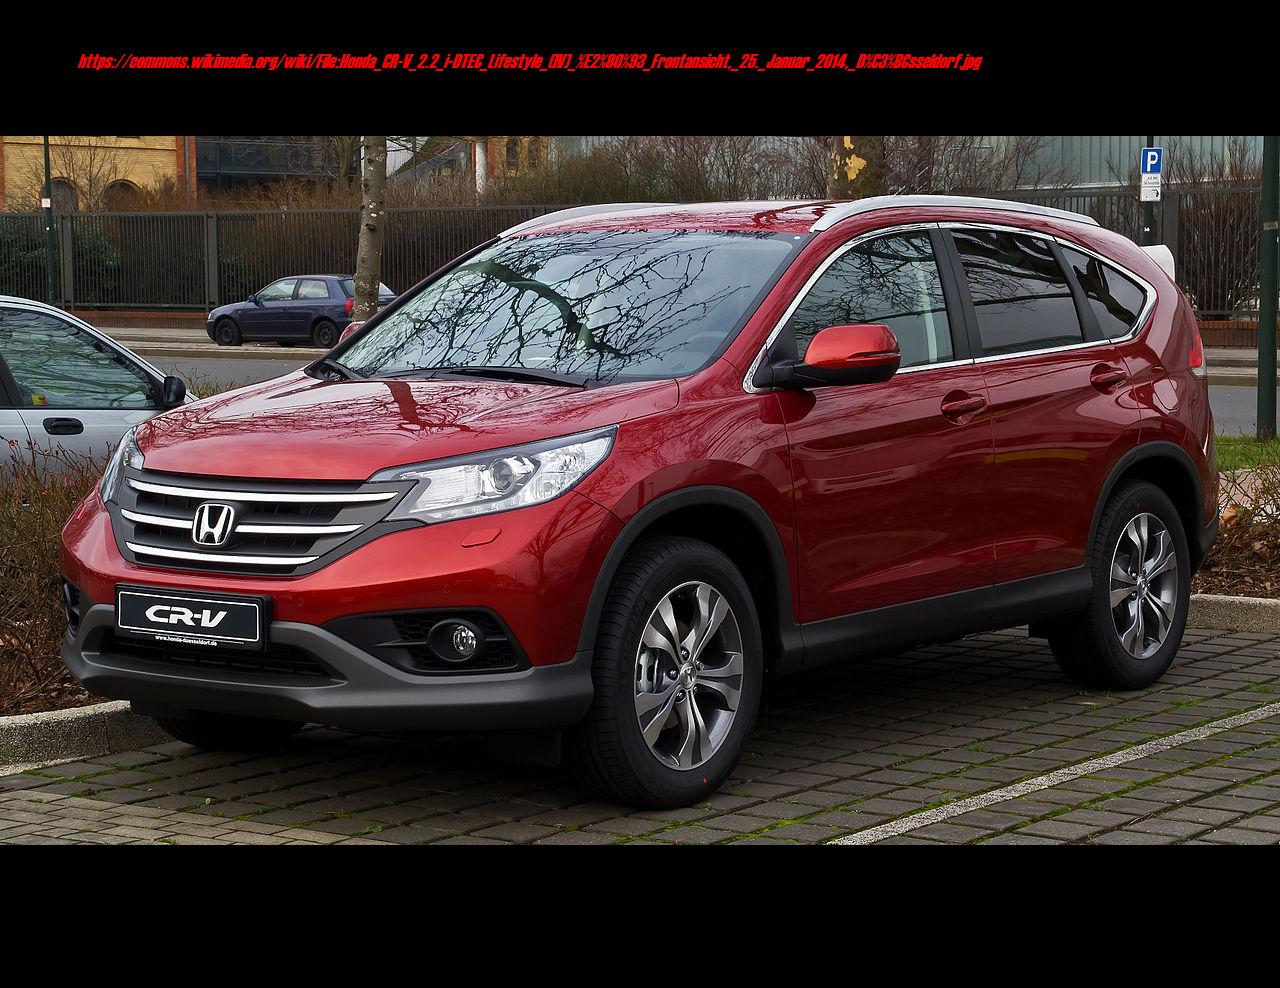 Honda Crv 2020 Model Comparison